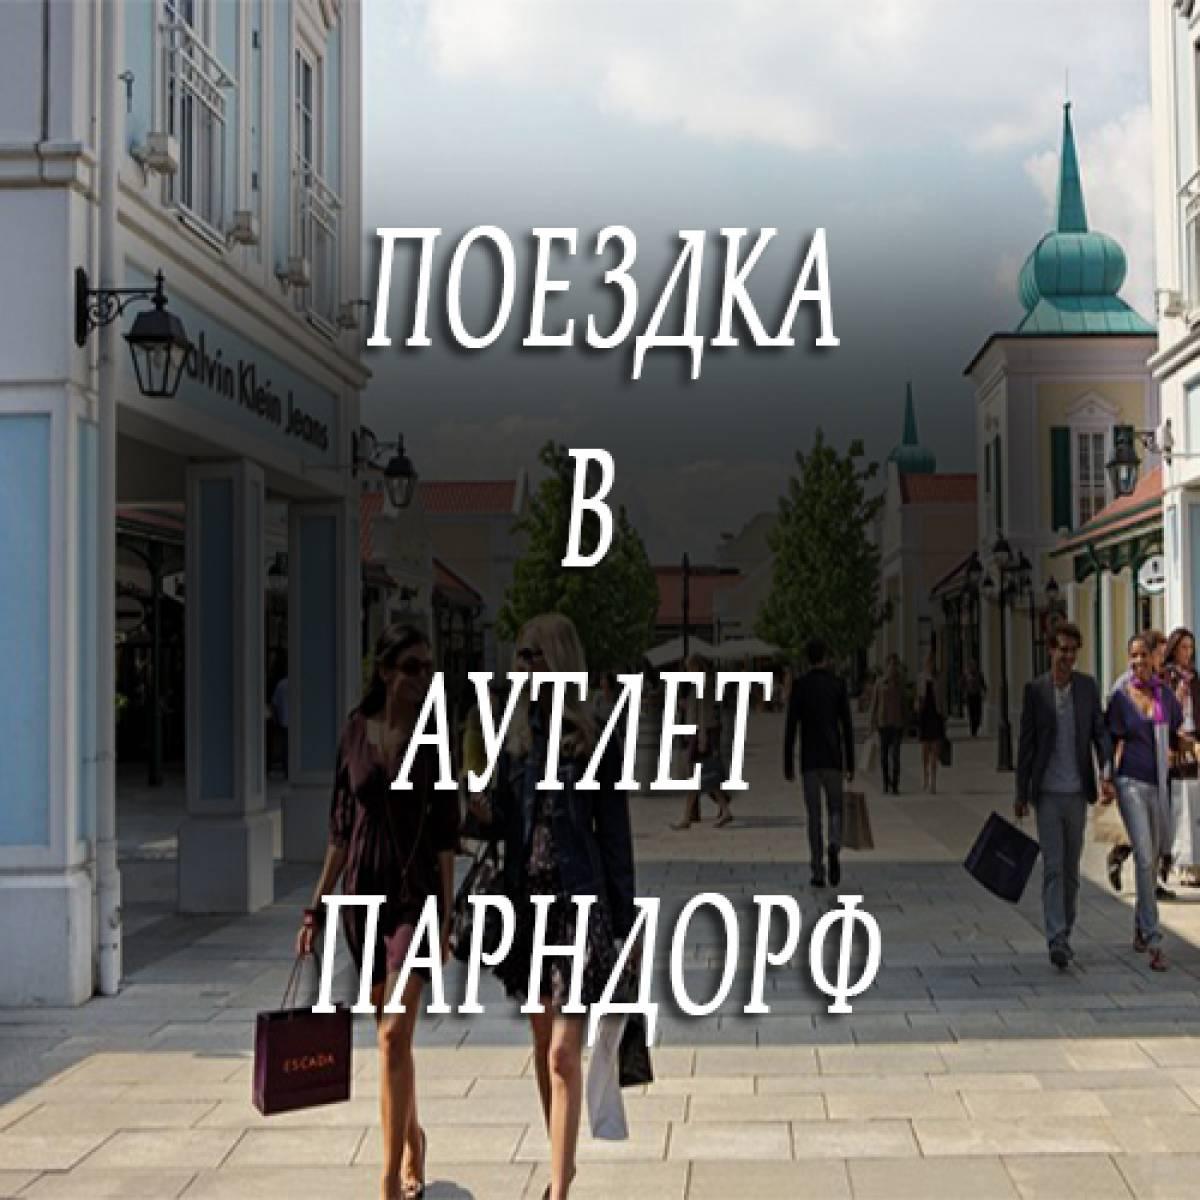 bedd85fe36f92bf9288d87a48e3bbfff_XL.jpg